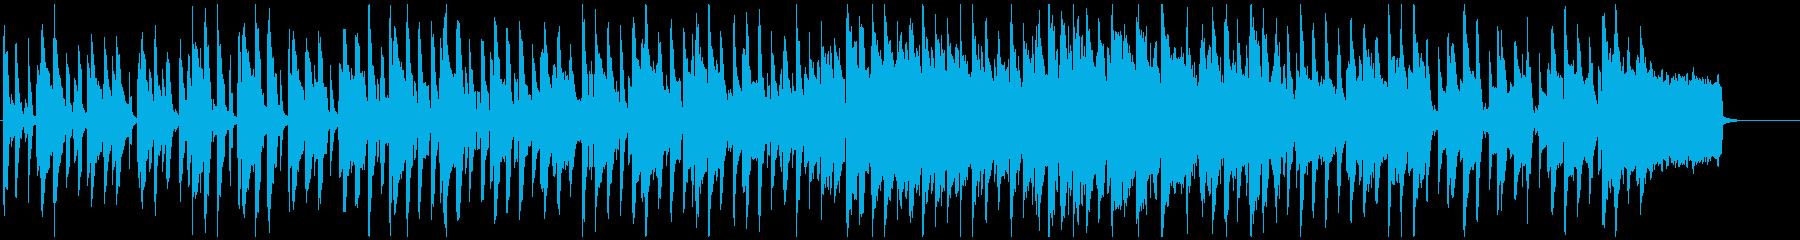 キュートなゆるいリコーダー、日常系、脱力の再生済みの波形